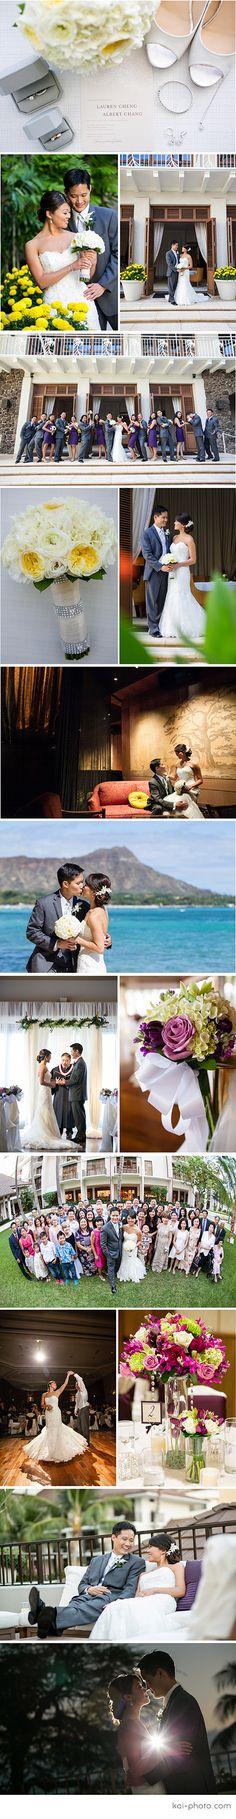 A Halekulani Wedding Photographed by KAI-PHOTO HAWAII   L+A @ Halekulani